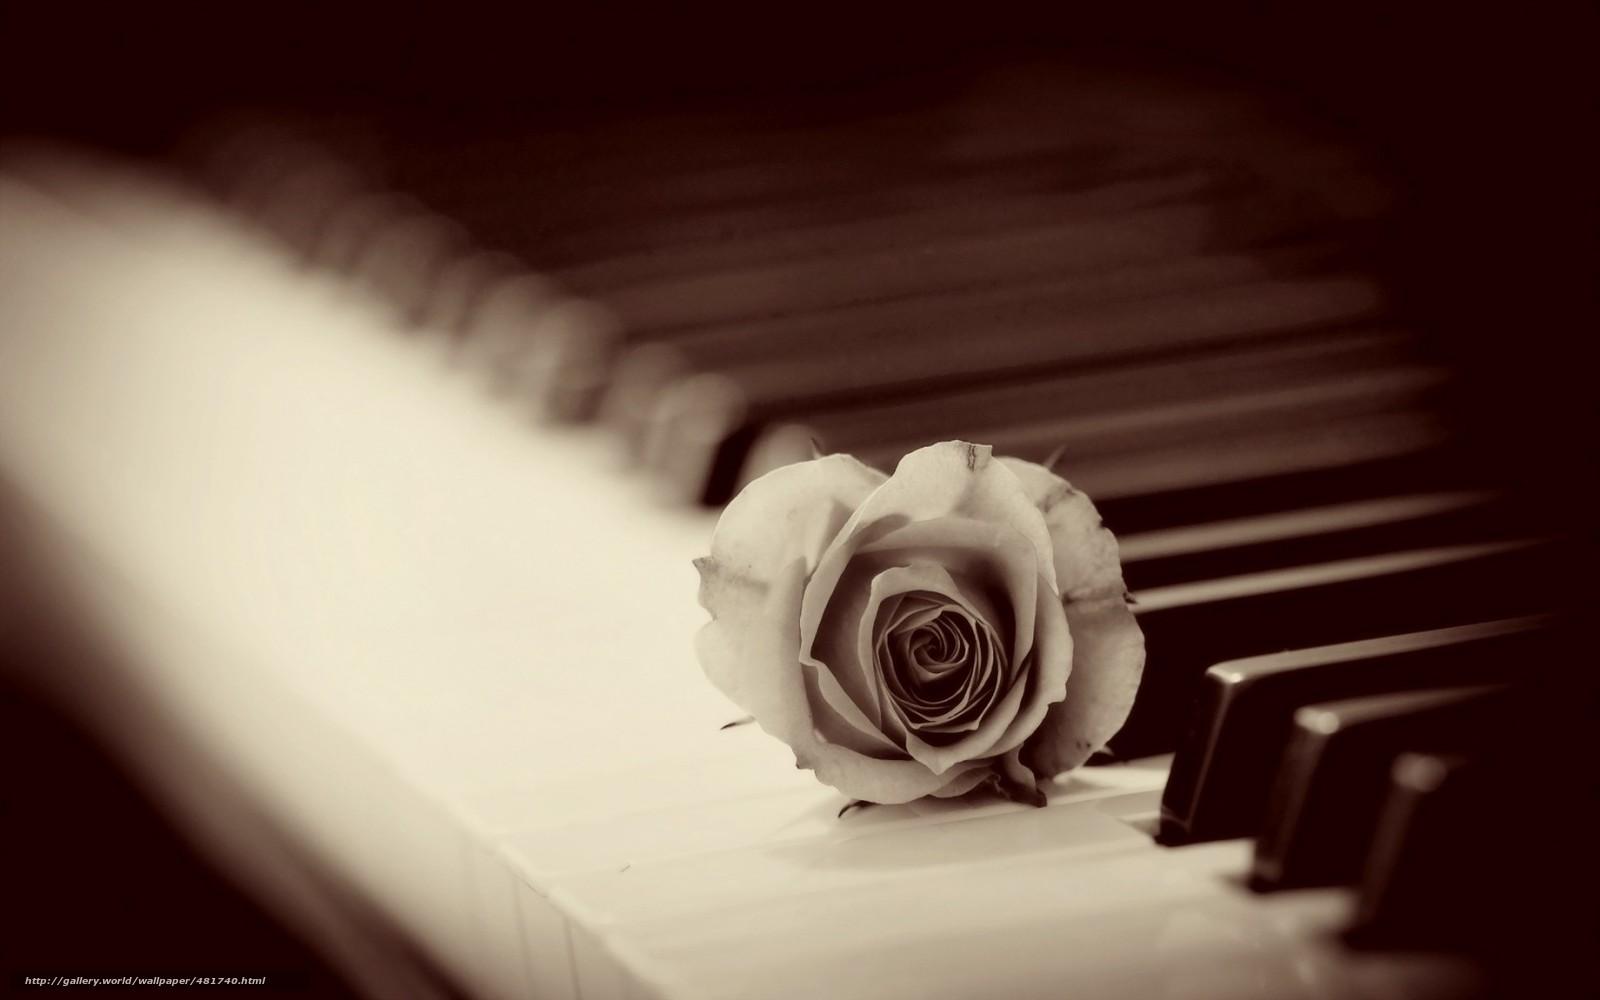 Tlcharger Fond Decran Rose Piano Fonds